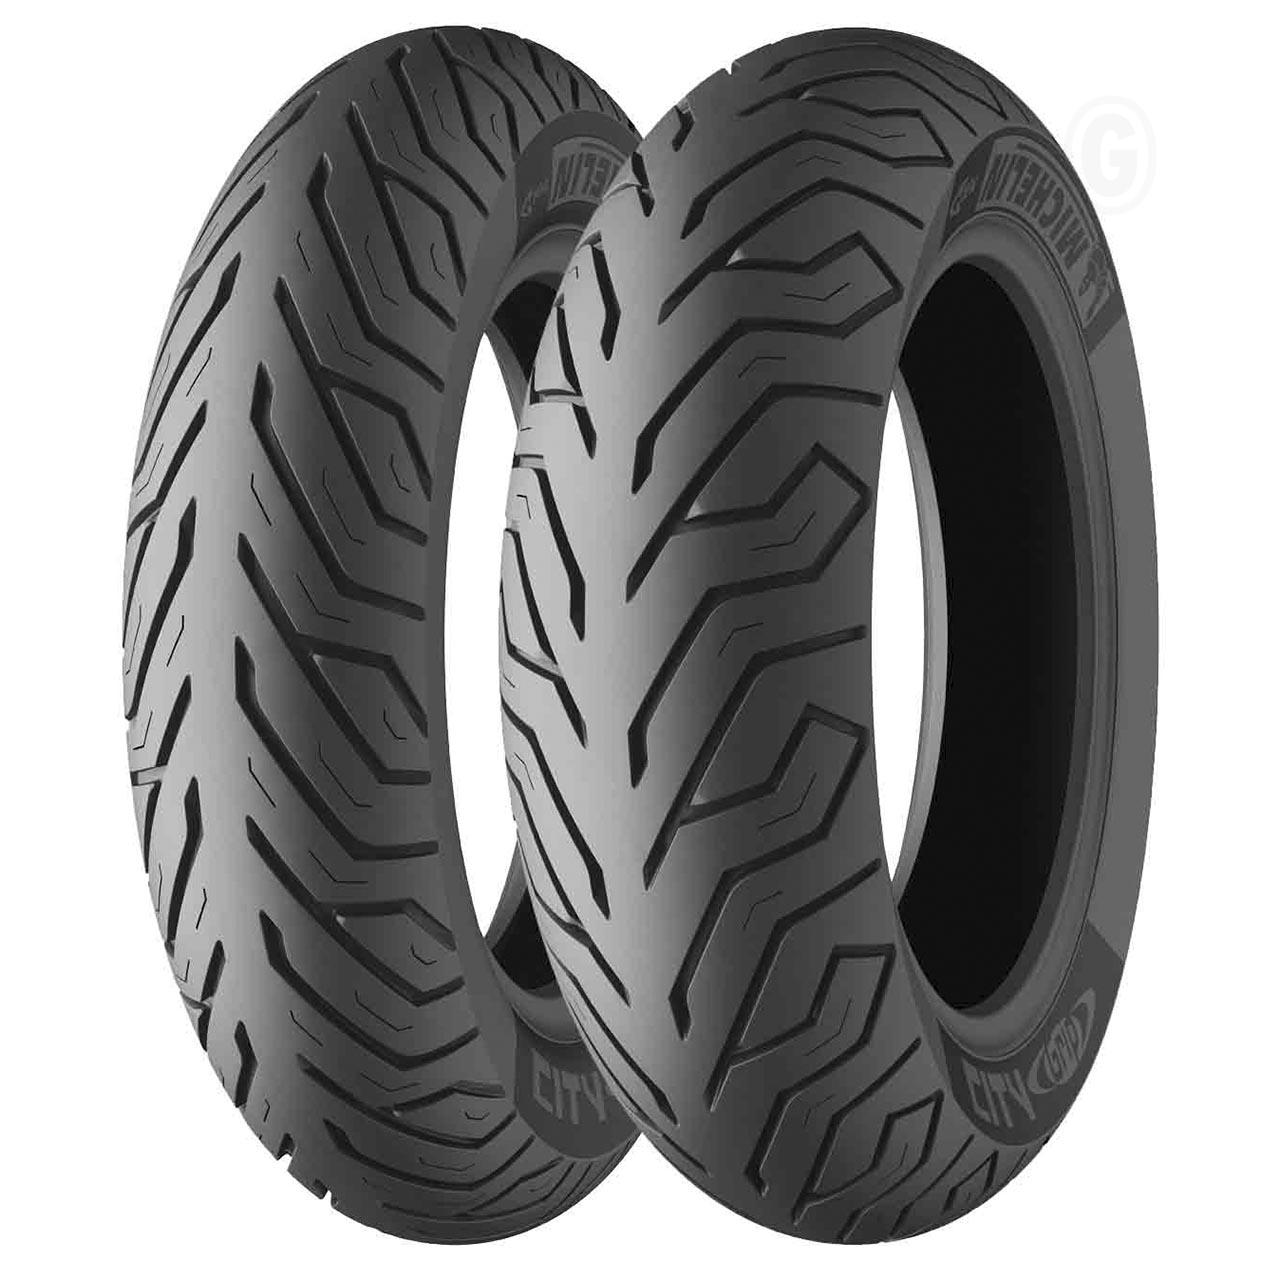 Michelin City Grip Front 90/90-14 M/C 46P TL